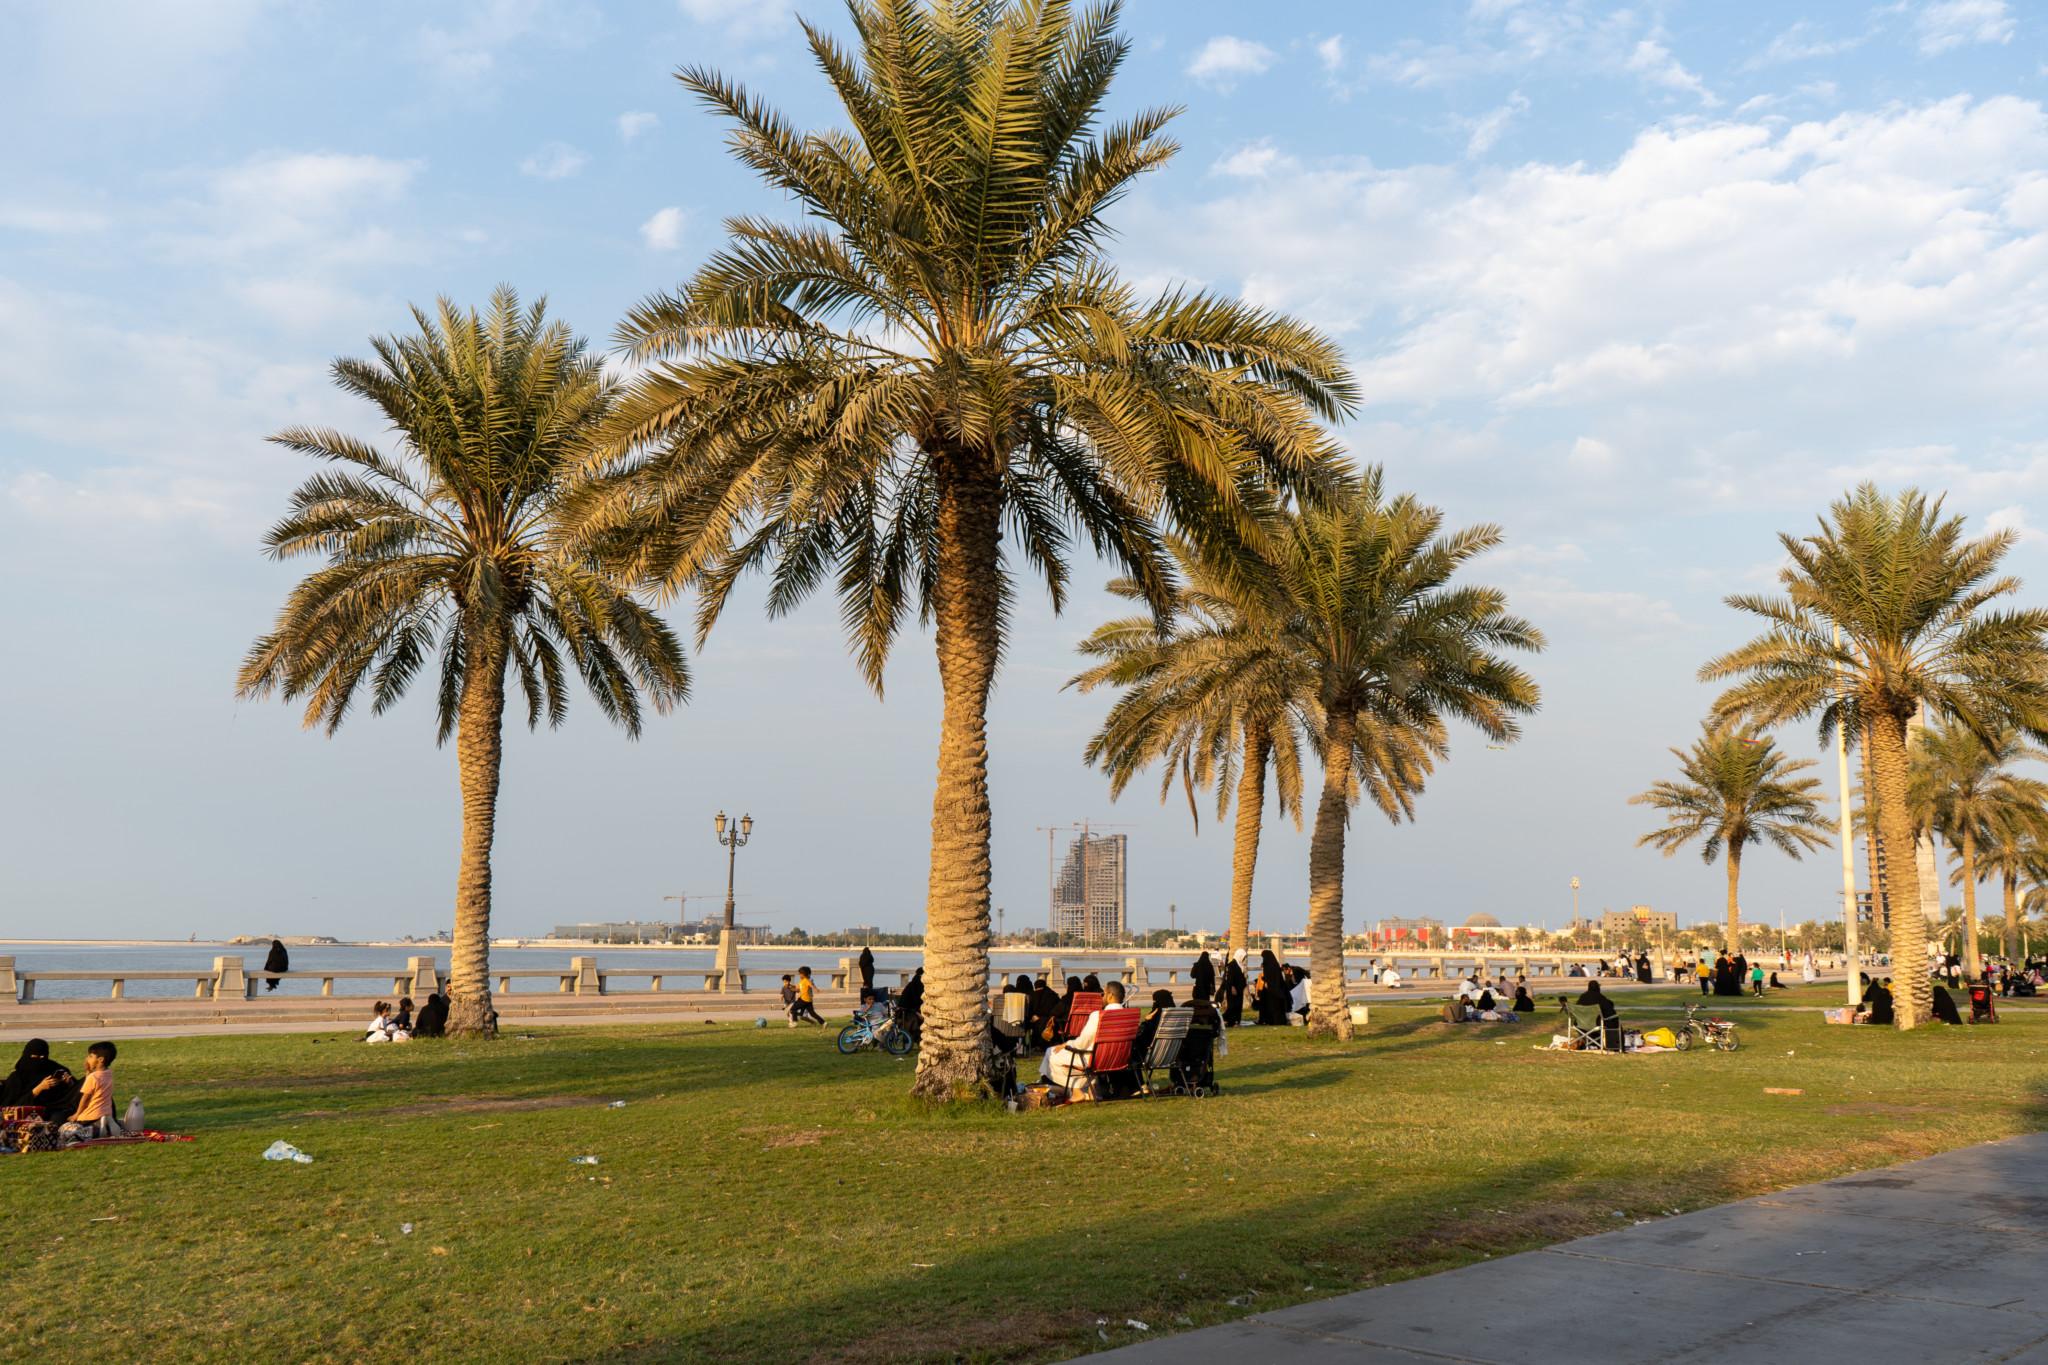 Sonnenuntergang an der Corniche von Dammam in Saudi-Arabien